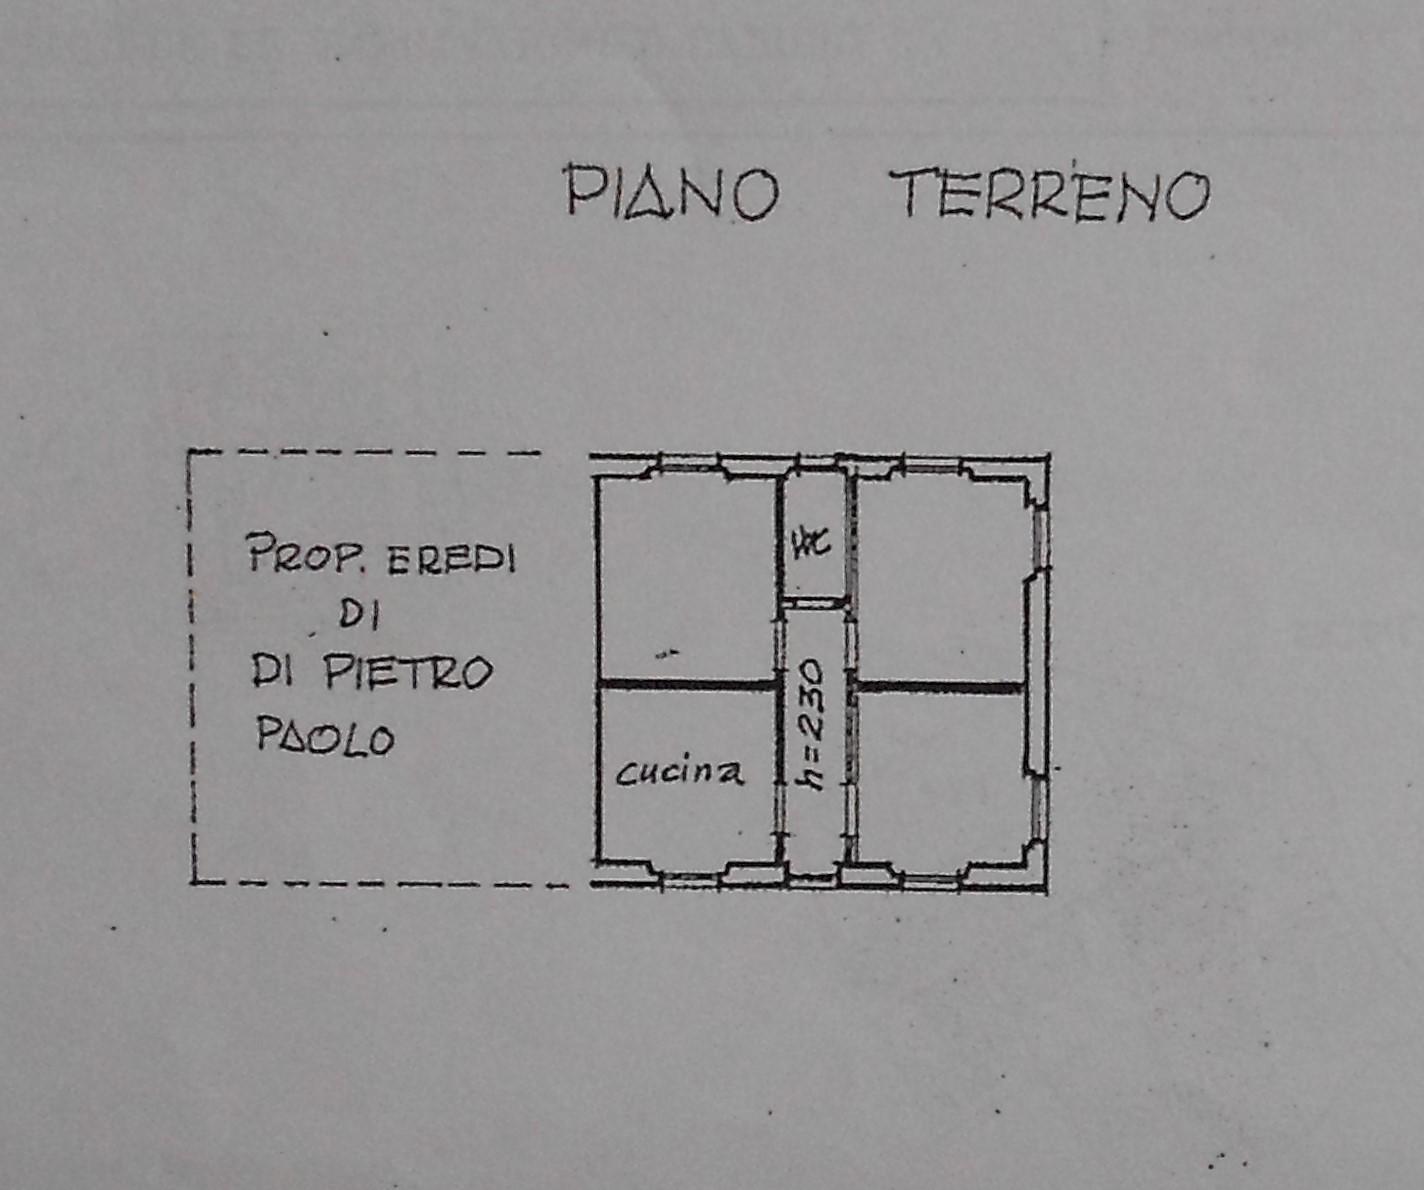 Casa bifamigliare con giardino - Agenzia Immobiliare ...